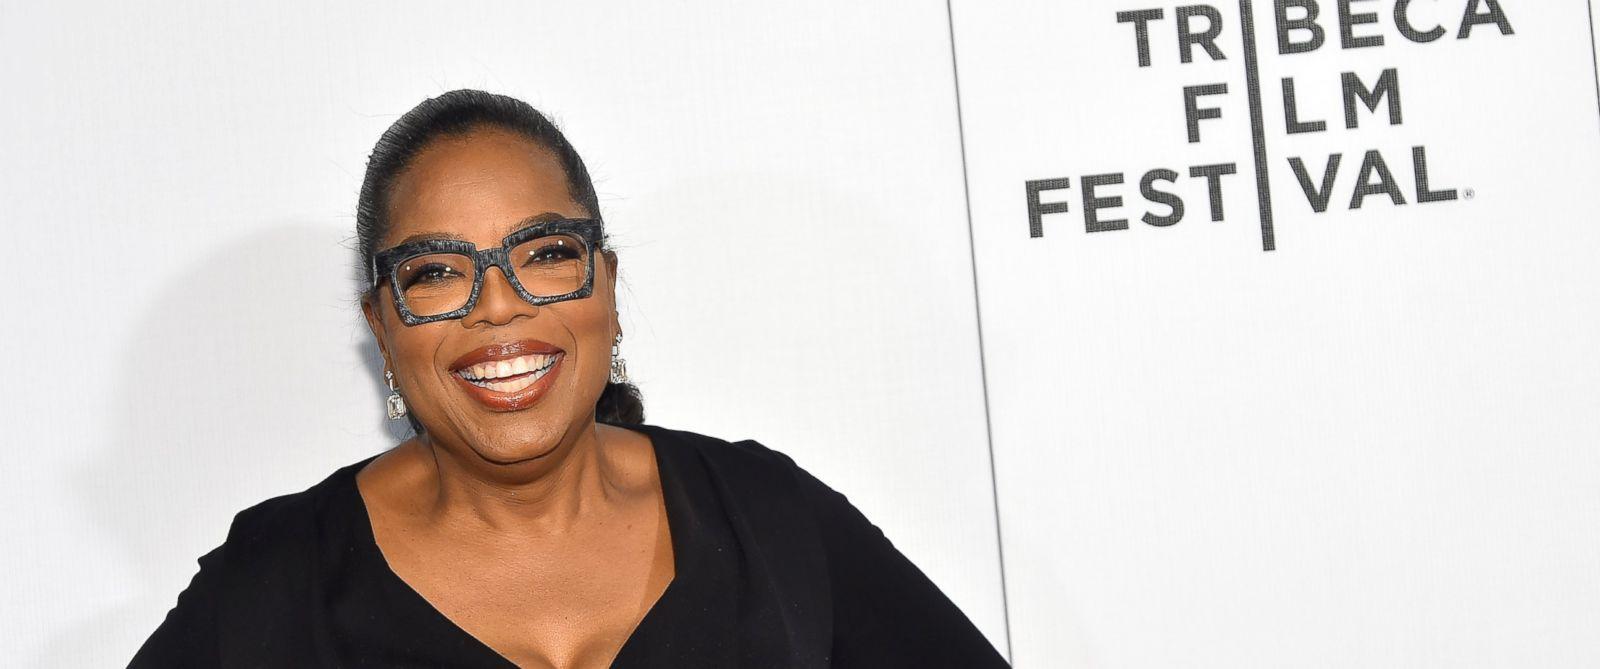 contest essay oprah